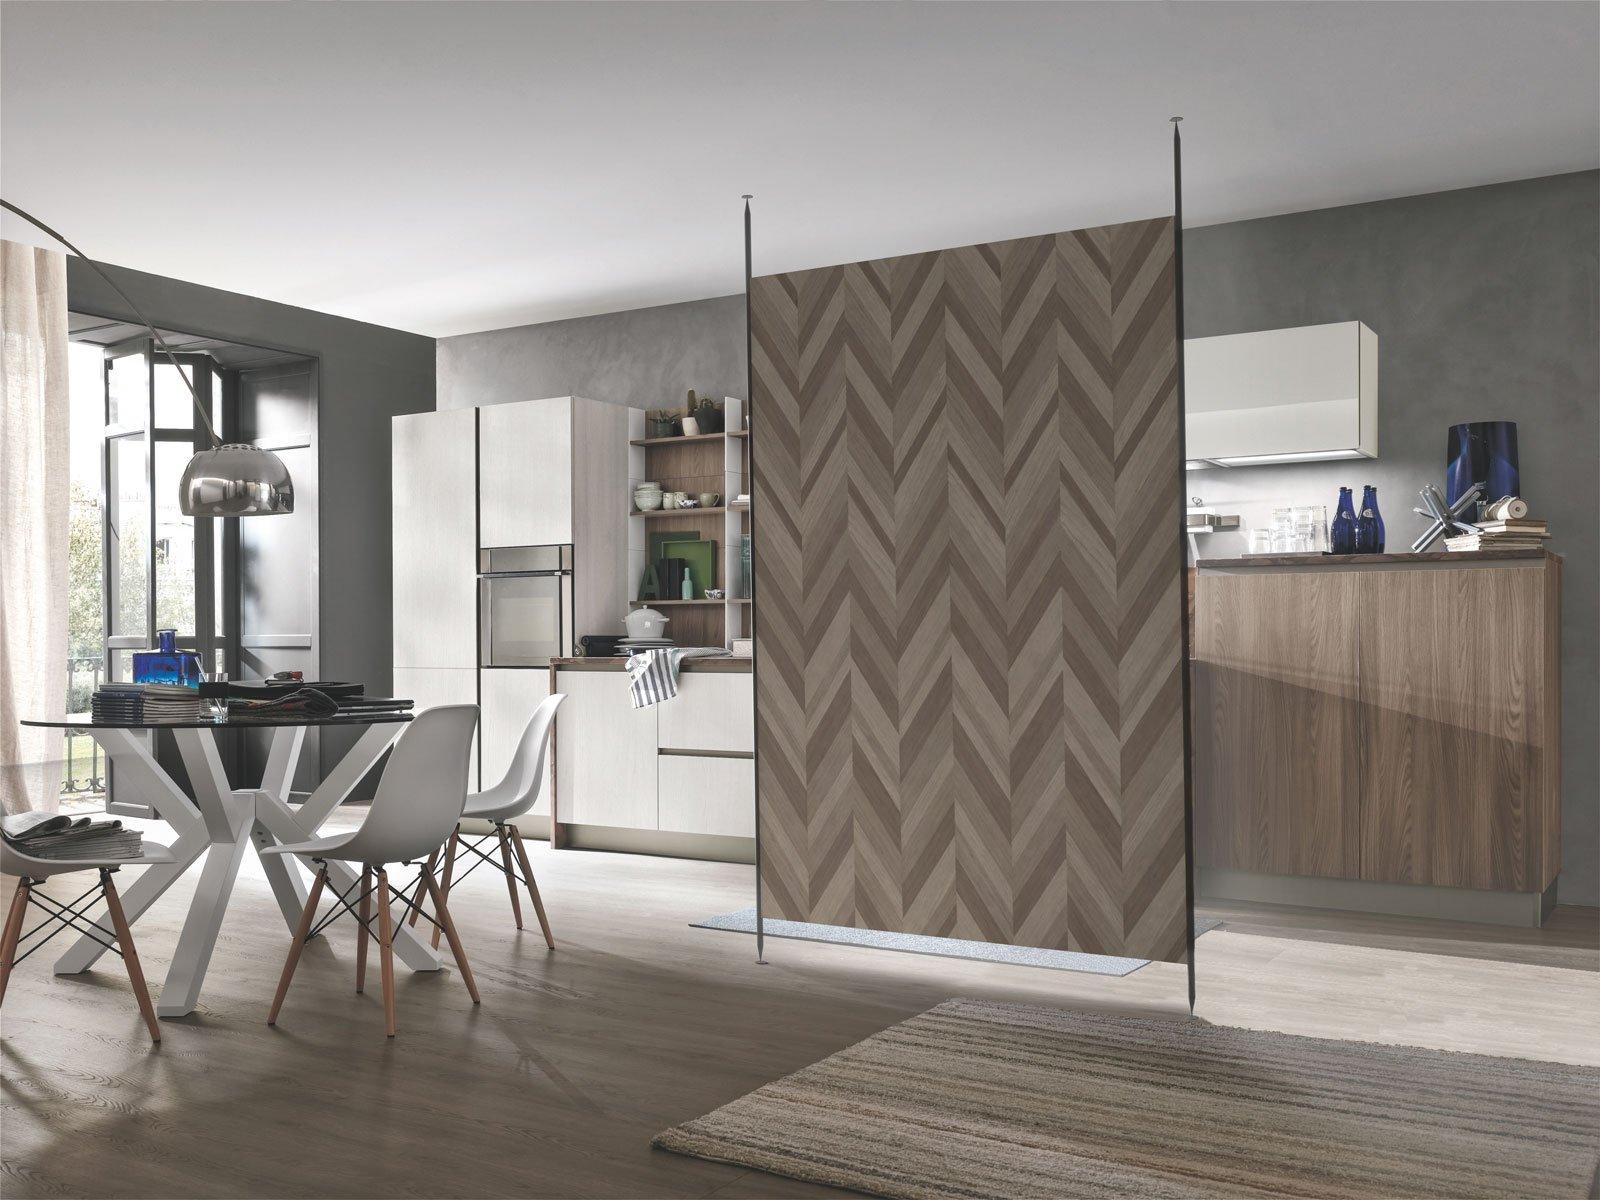 Idee Per Nascondere Cucina A Vista.Separare La Cucina 9 Soluzioni Da Copiare Cose Di Casa